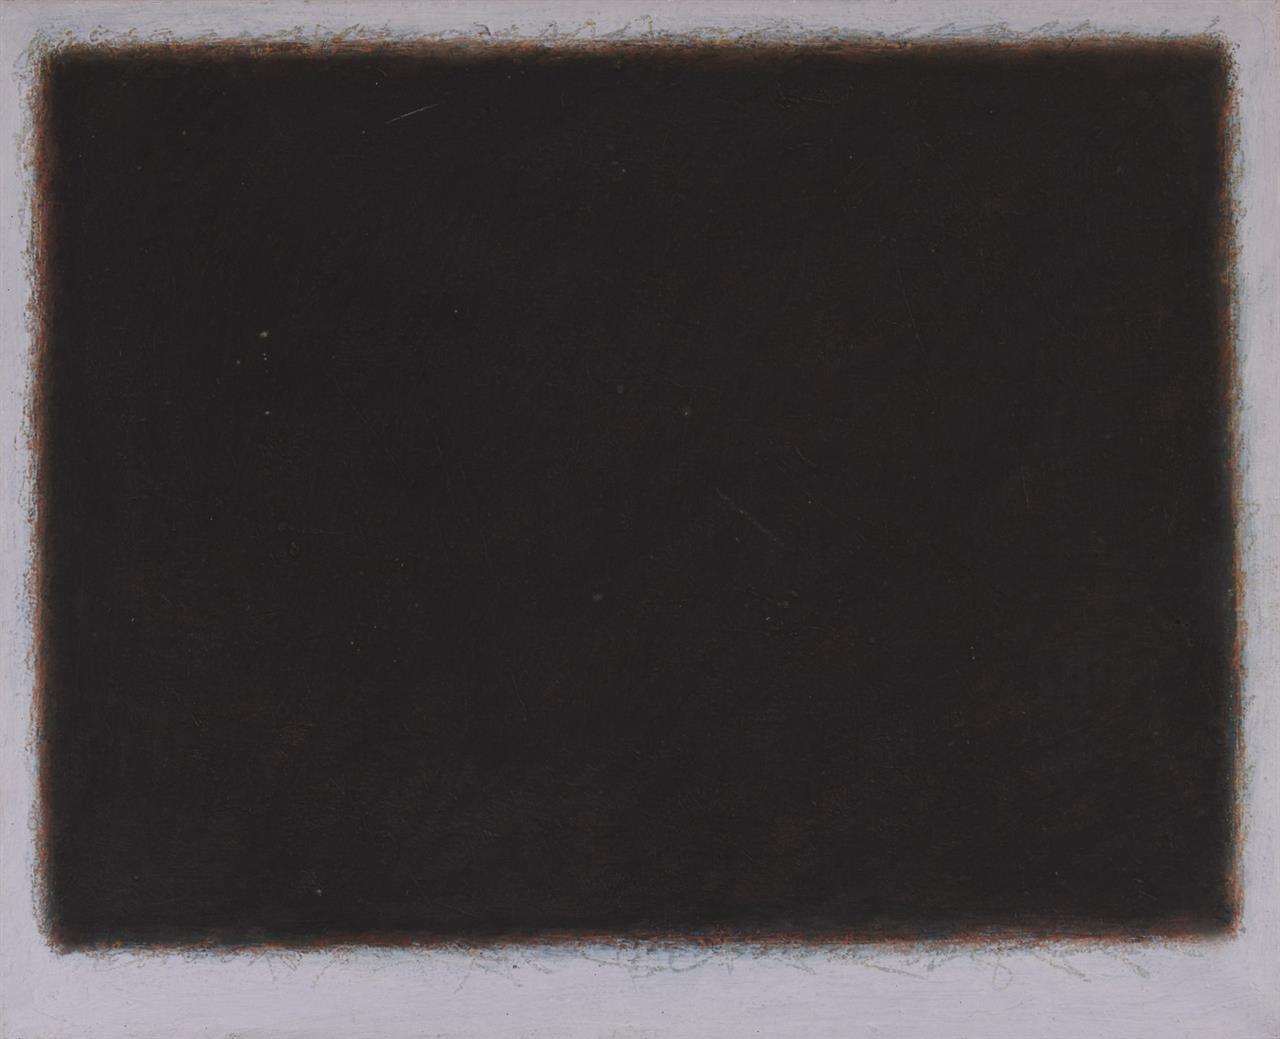 Bernd Berner. Ohne Titel. 1961. Öl auf Leinwand. Verso signiert. Werknummer 361.